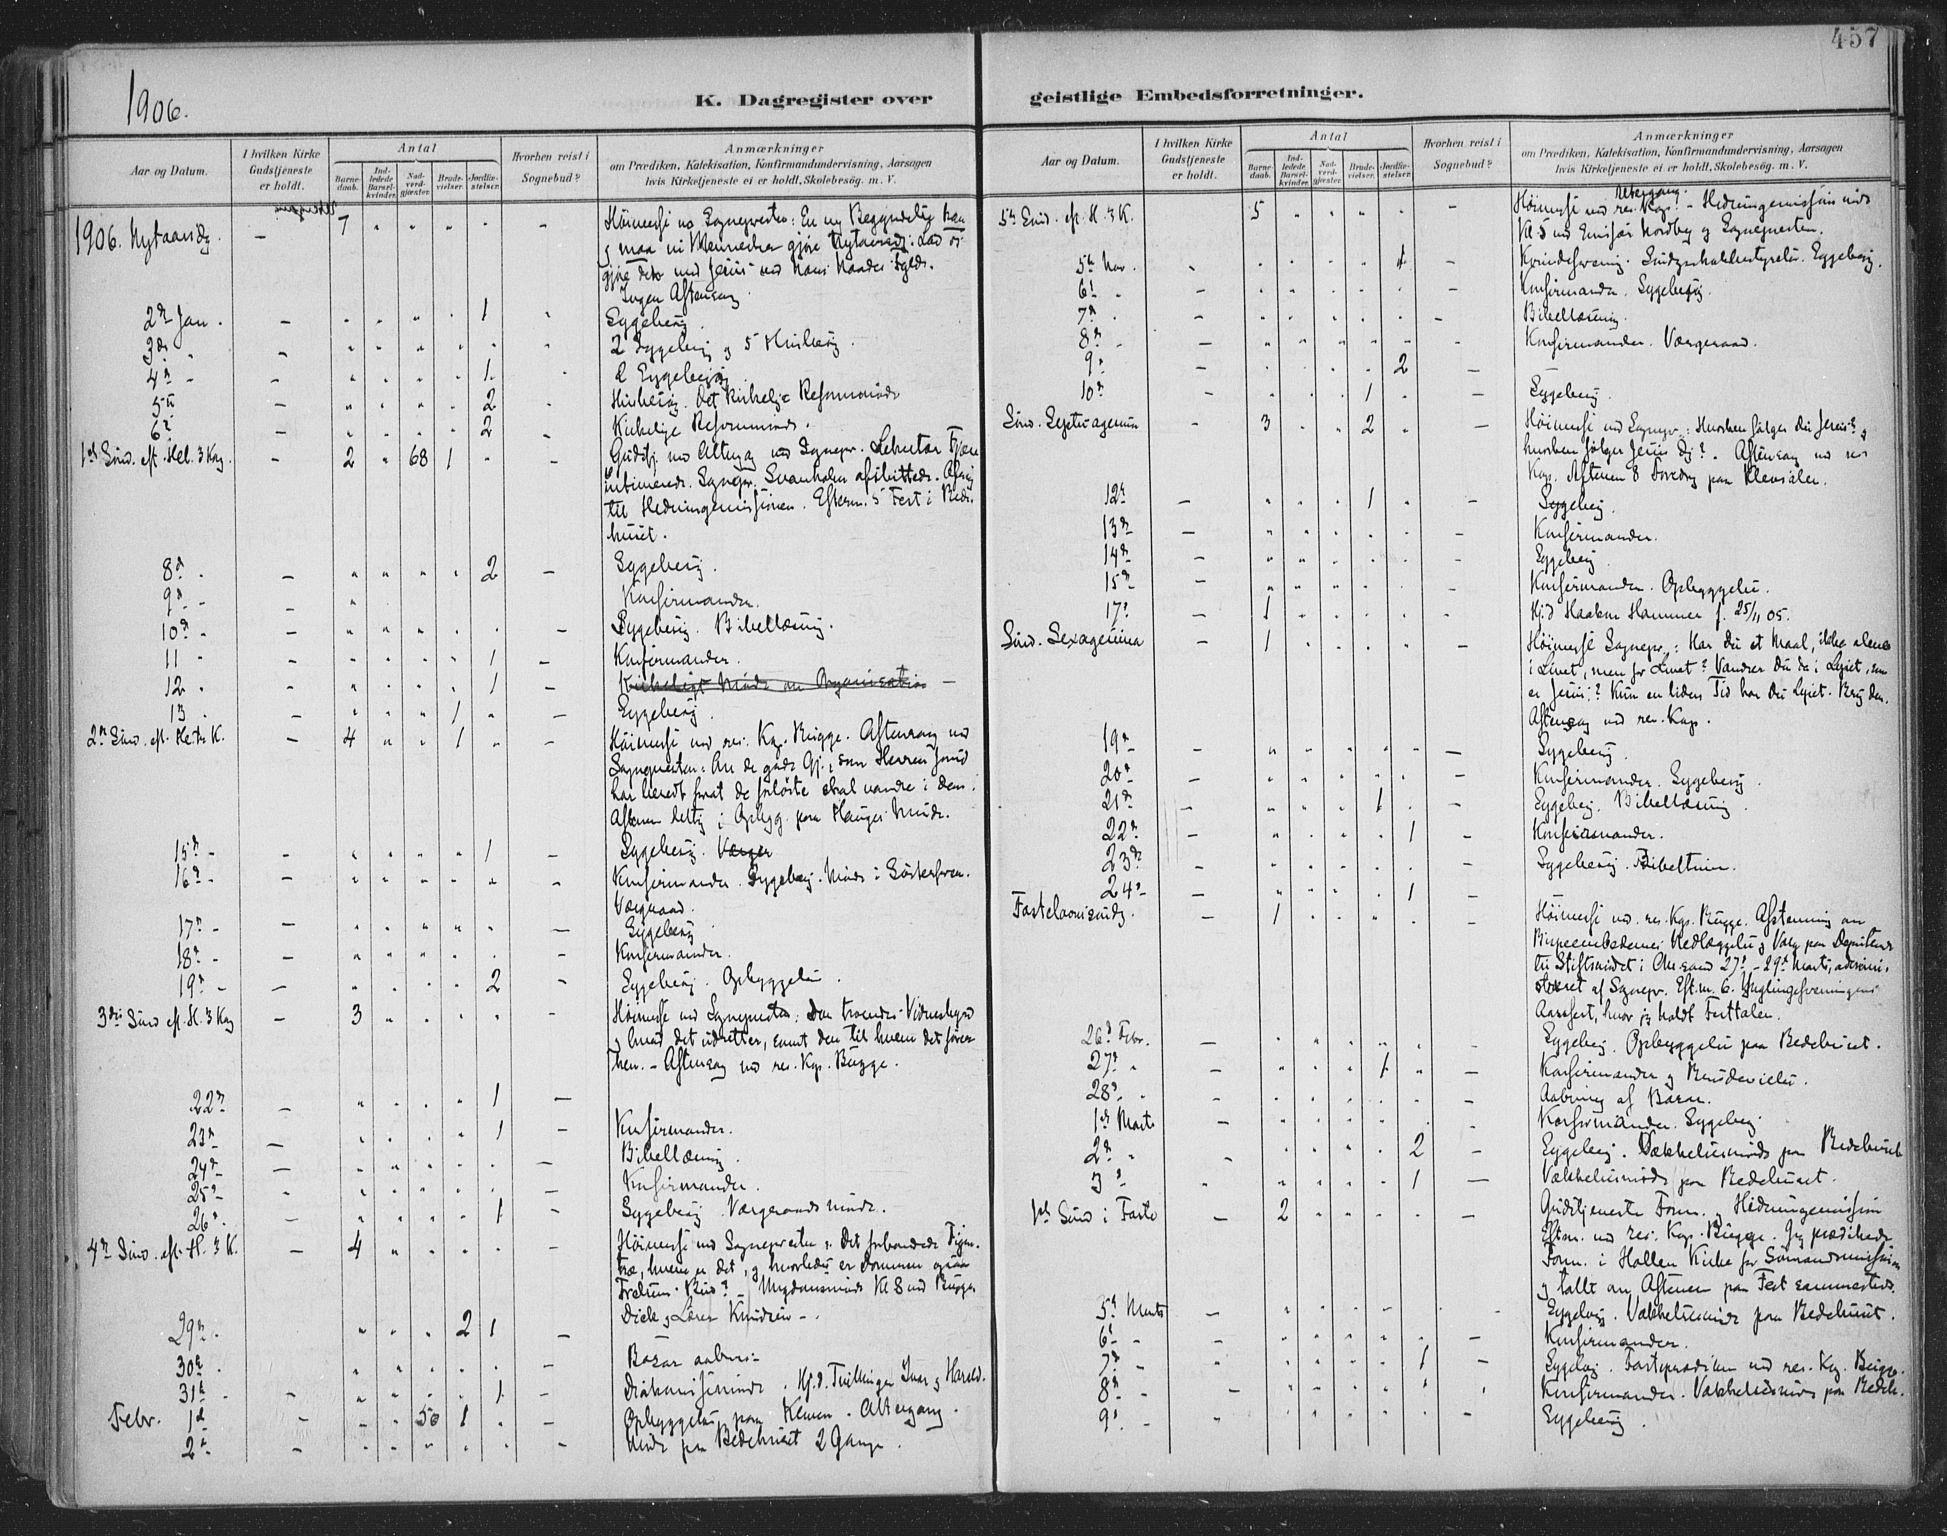 SAKO, Skien kirkebøker, F/Fa/L0011: Ministerialbok nr. 11, 1900-1907, s. 457